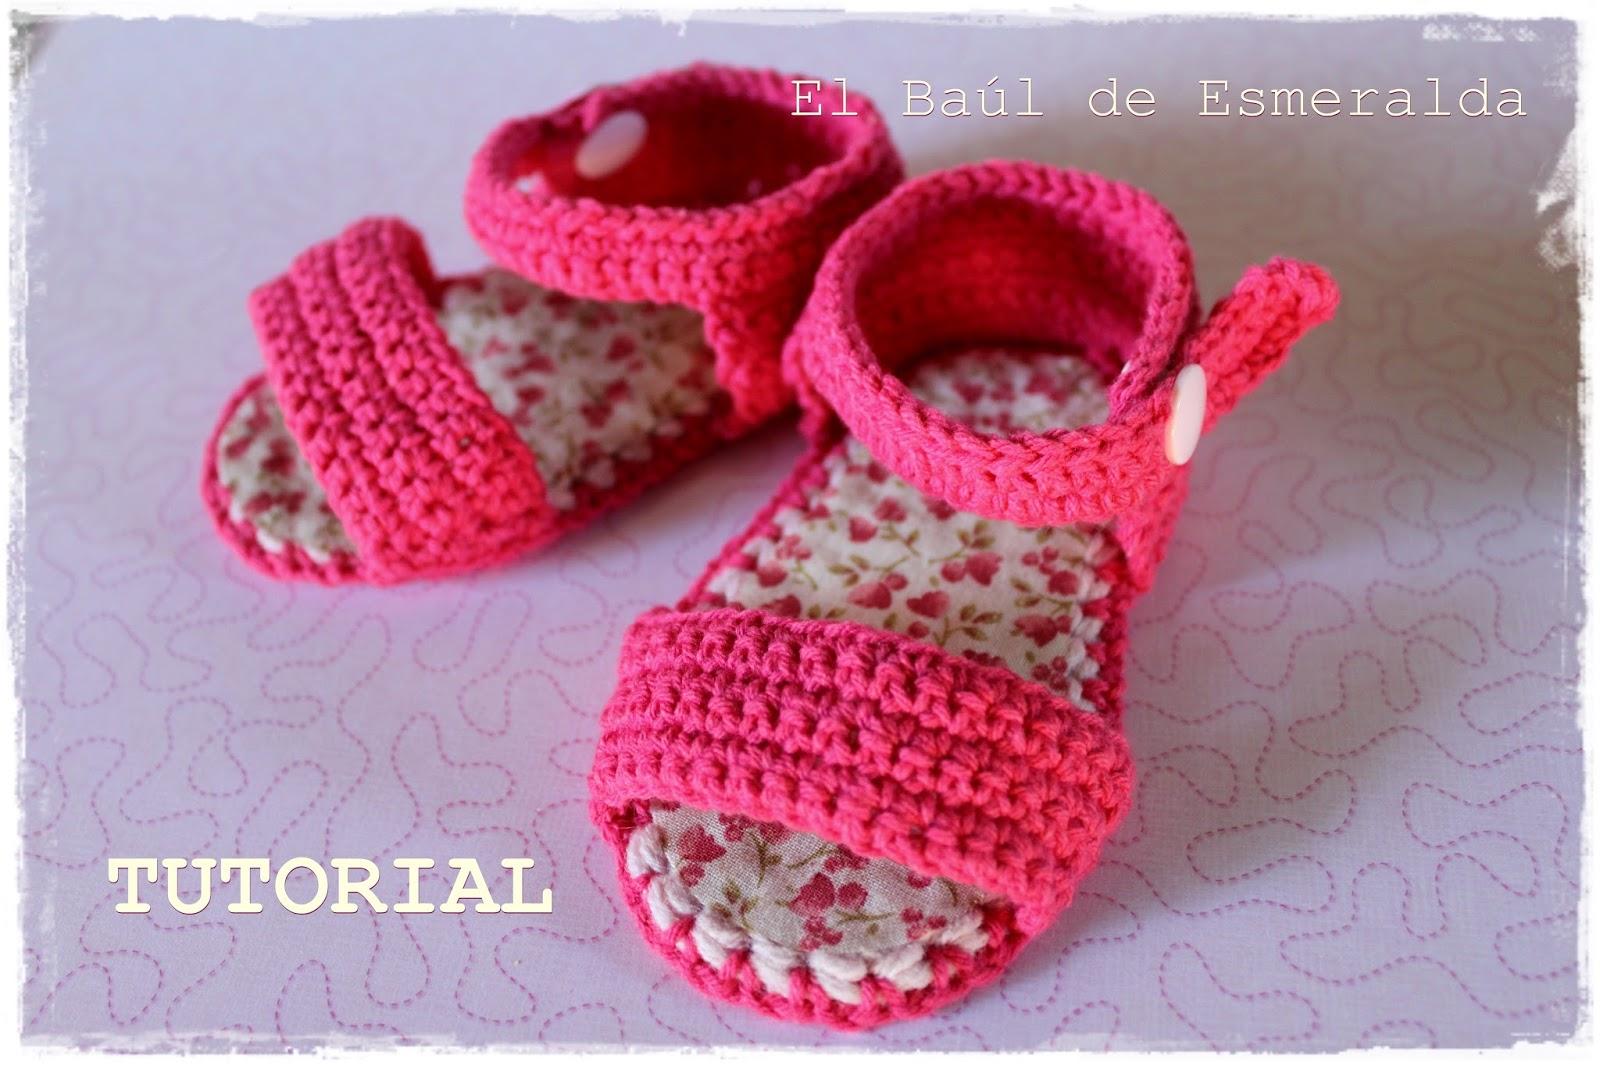 El baúl de Esmeralda ♥♥♥: TUTORIAL: Sandalias para bebé, tejidas ...